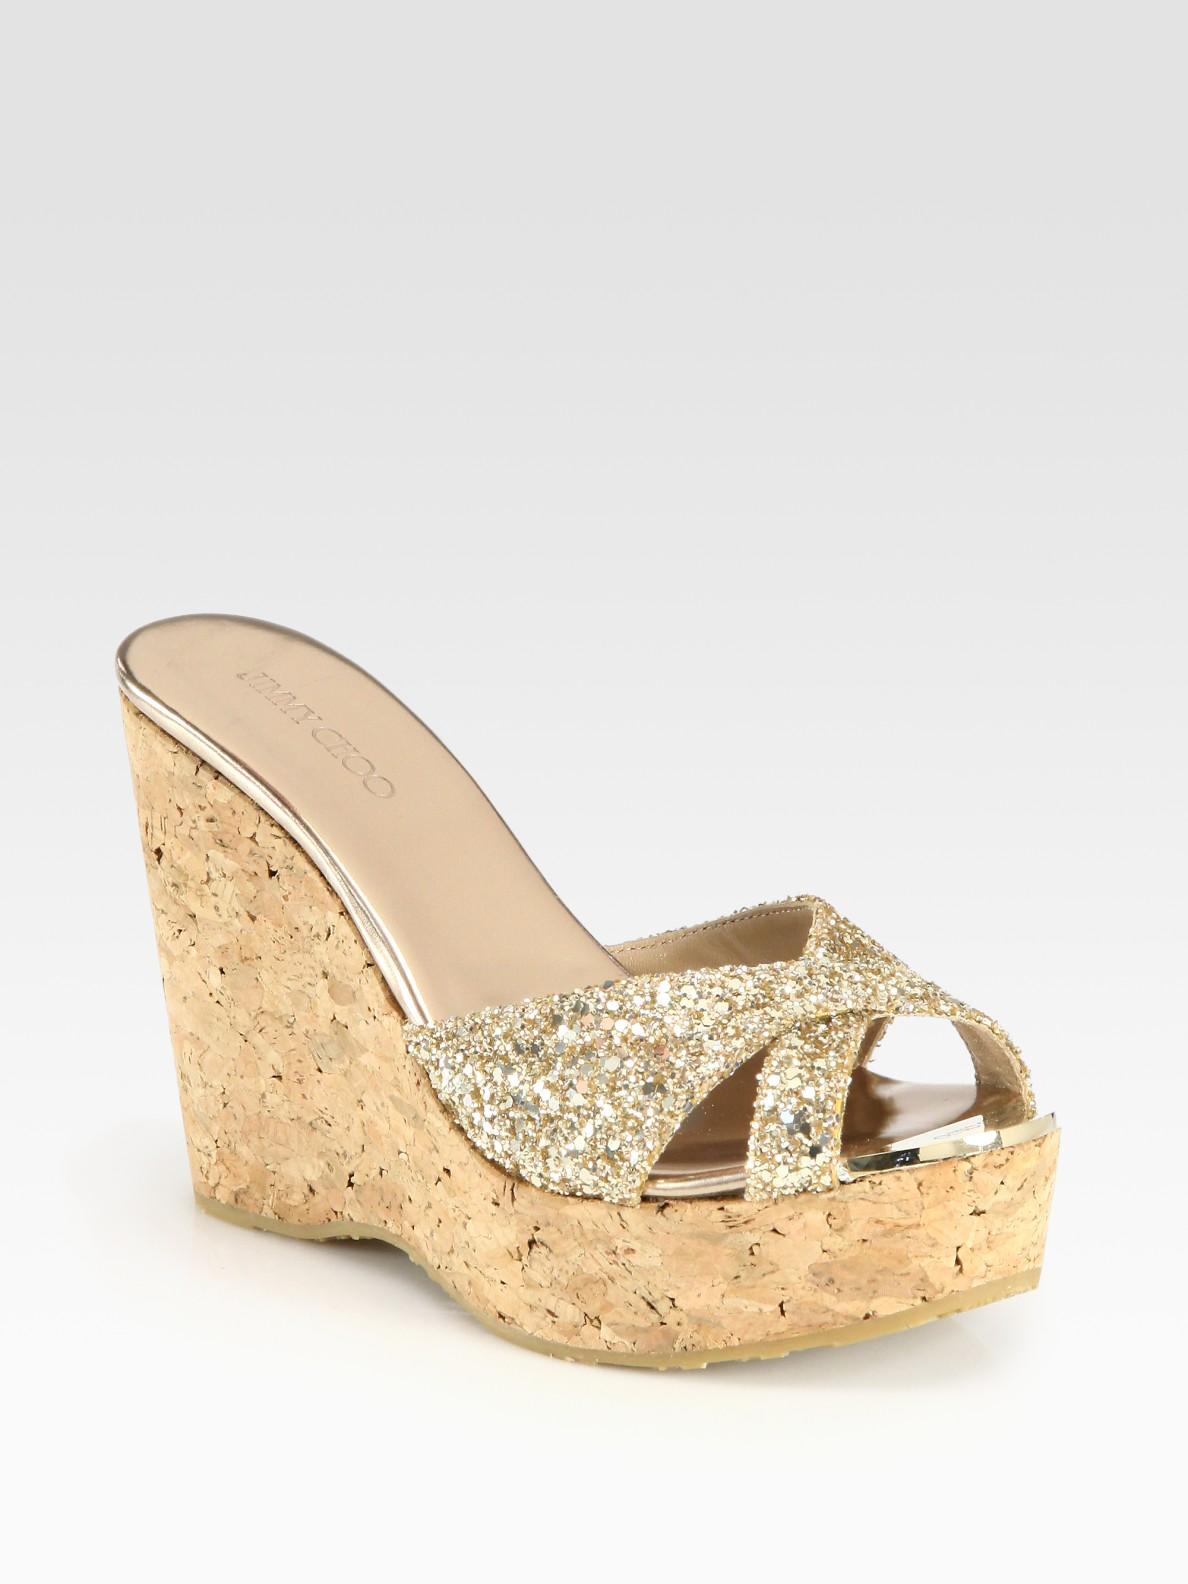 c643ecfb9db ... hot lyst jimmy choo perfume glitter cork wedge sandals in natural de4db  fb78f